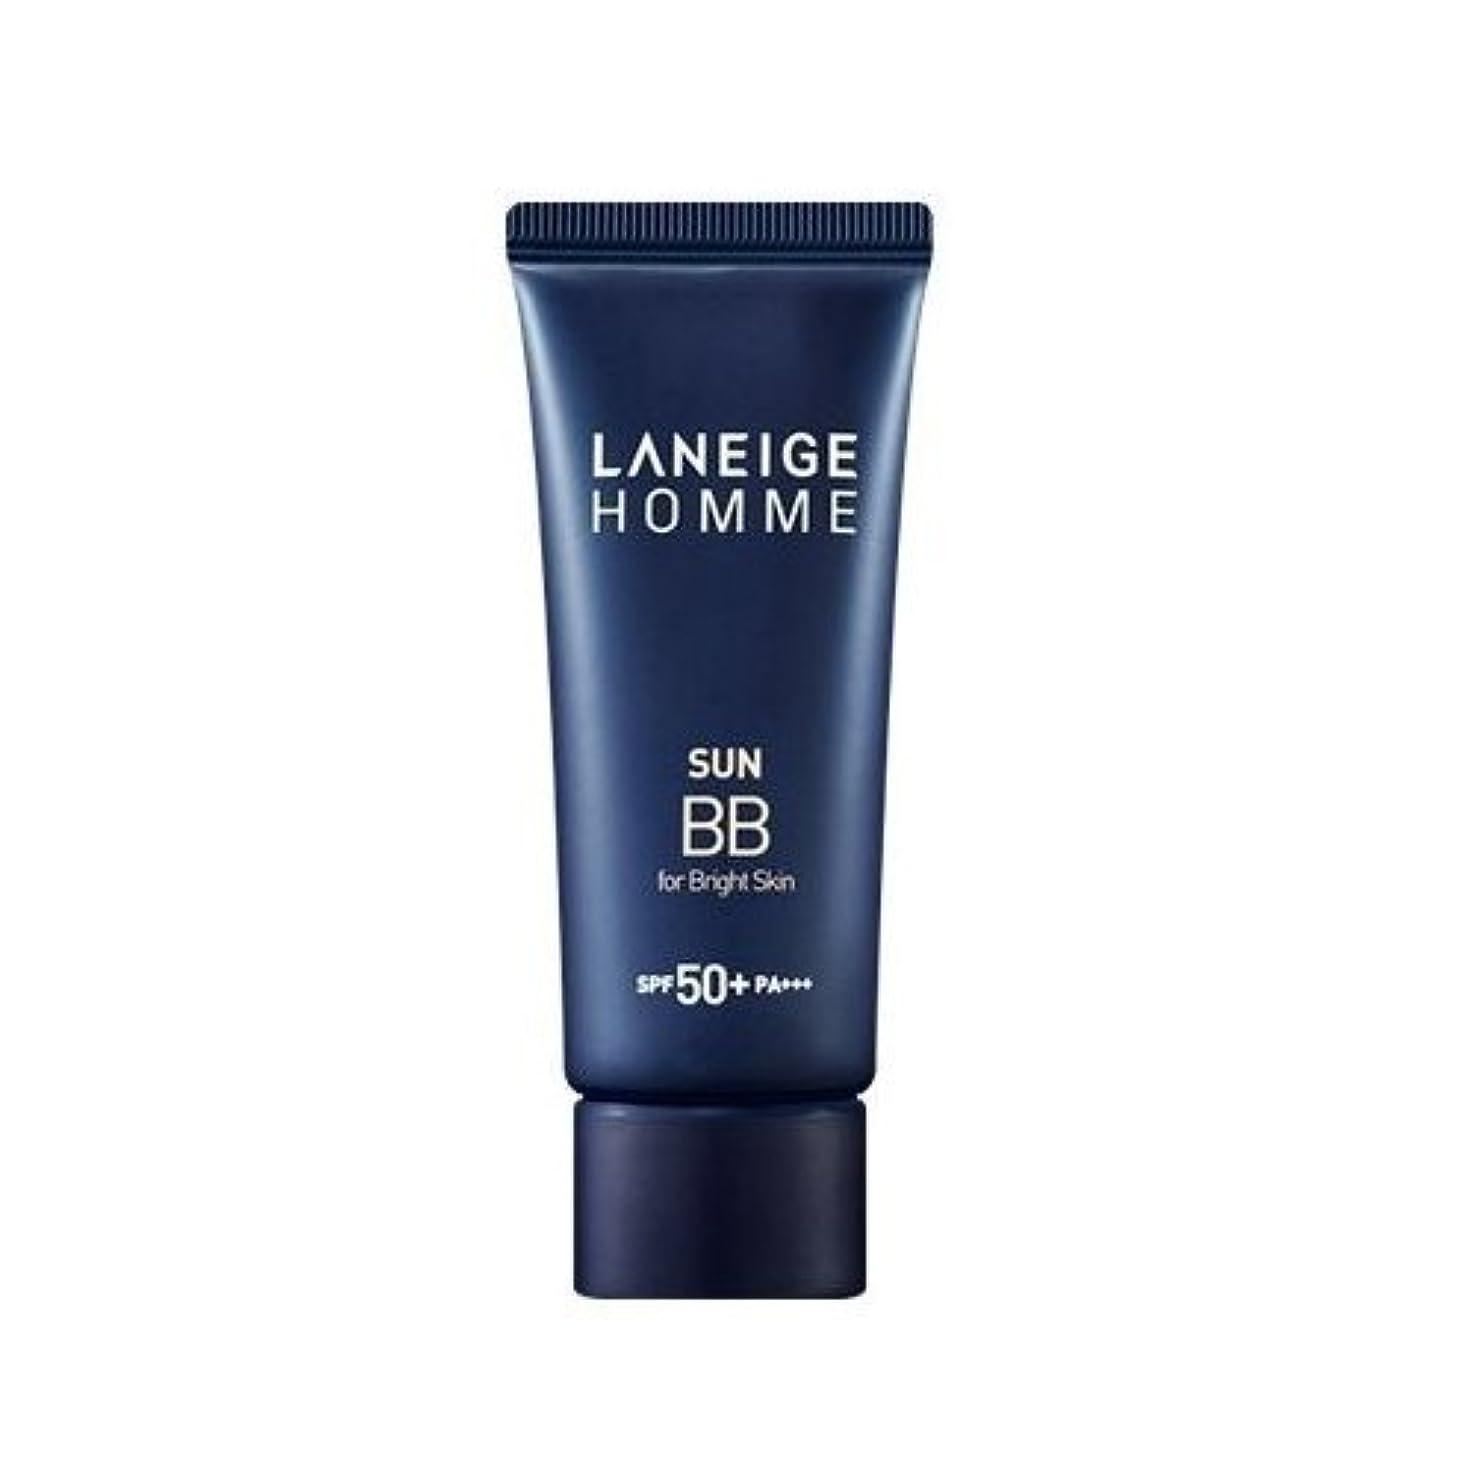 の間で吹きさらしたくさんLaneige Homme Sun BB Cream (SPF40/PA++) - #Bright skin